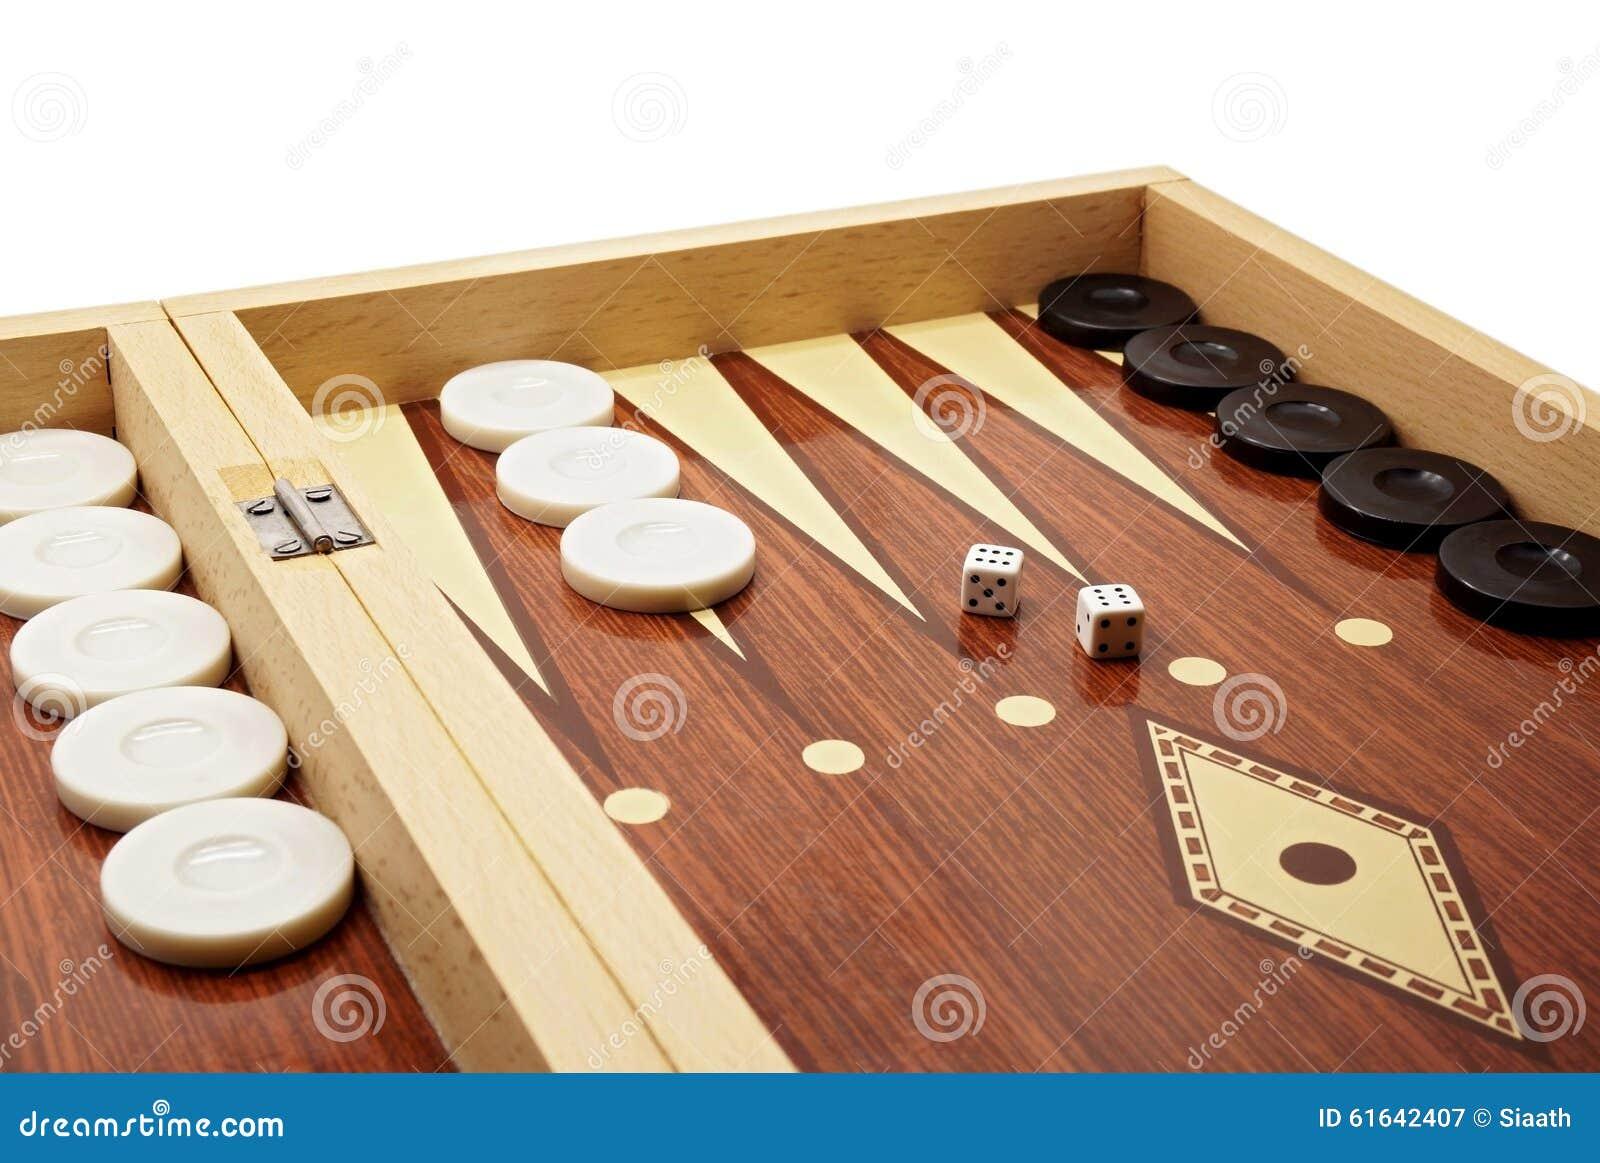 Juego De Mesa Del Backgammon Imagen De Archivo Imagen De Retro